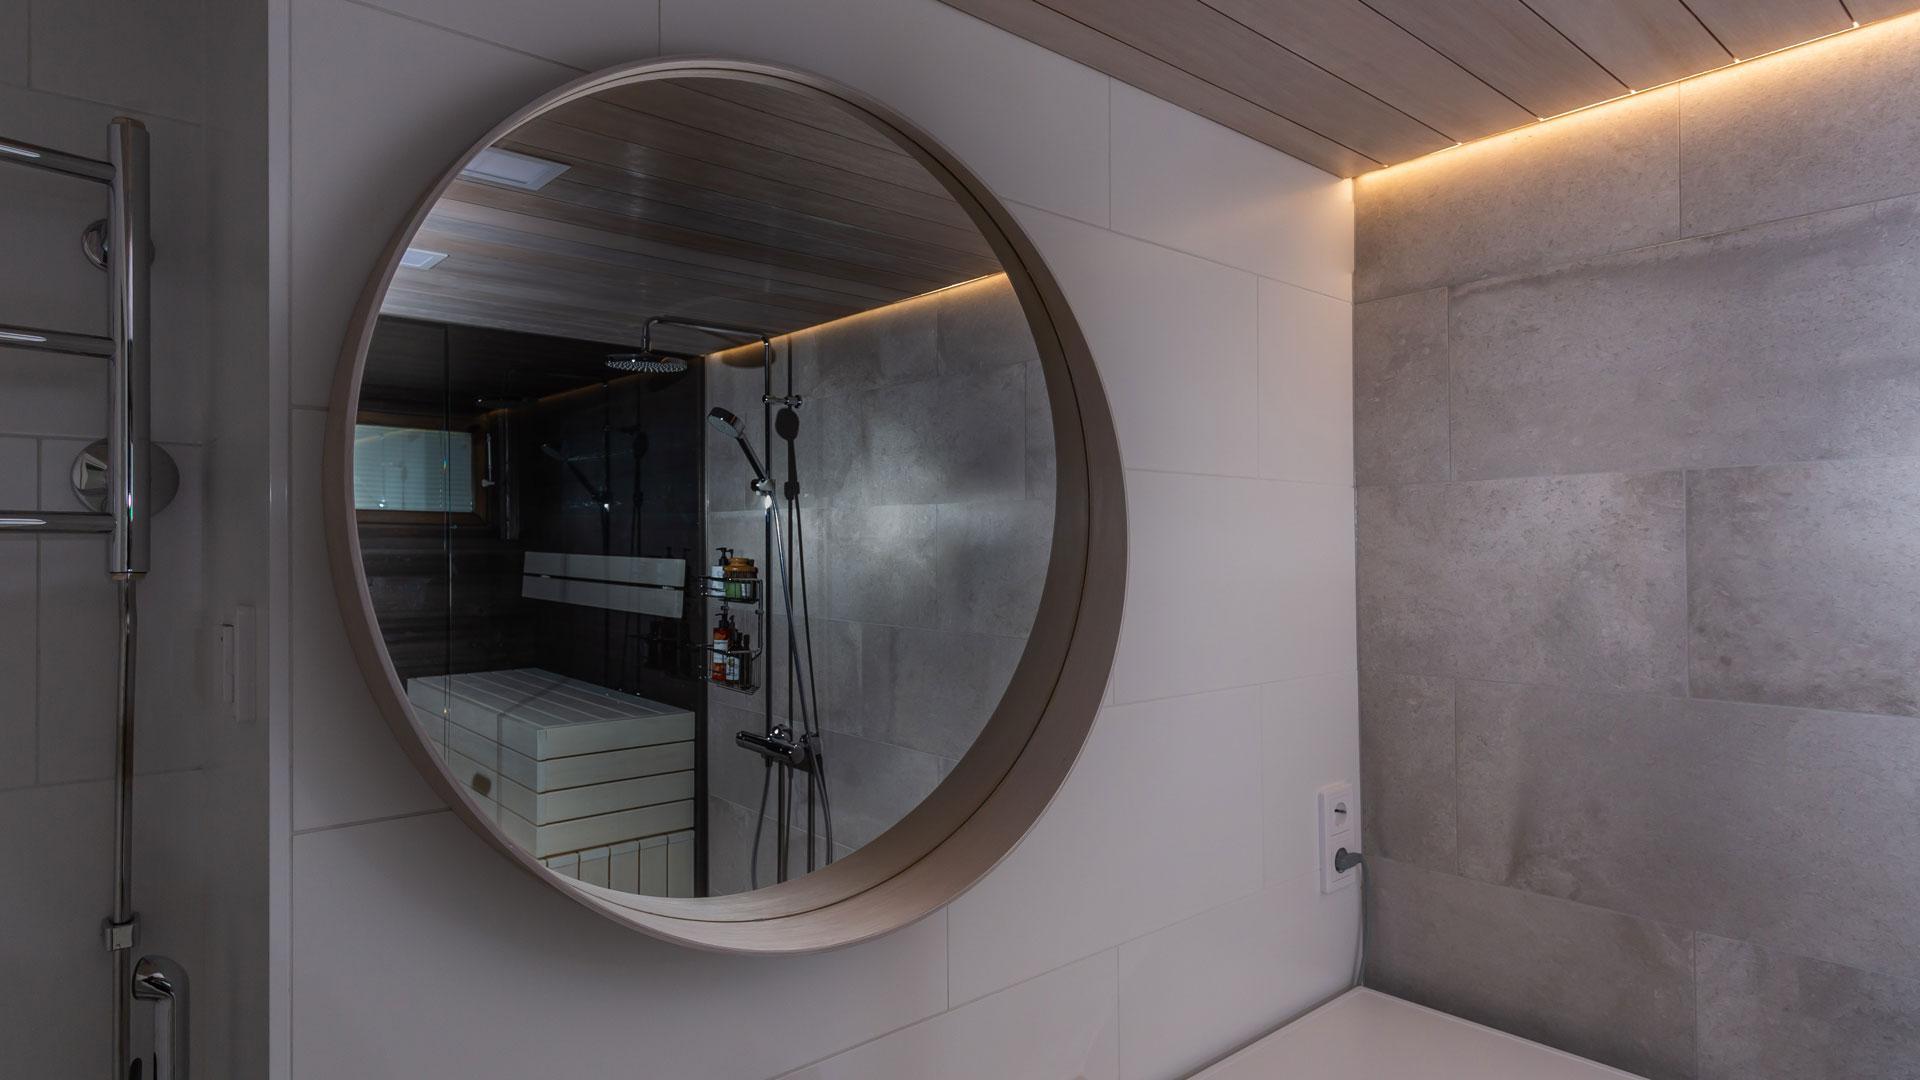 tiles-in-mirror